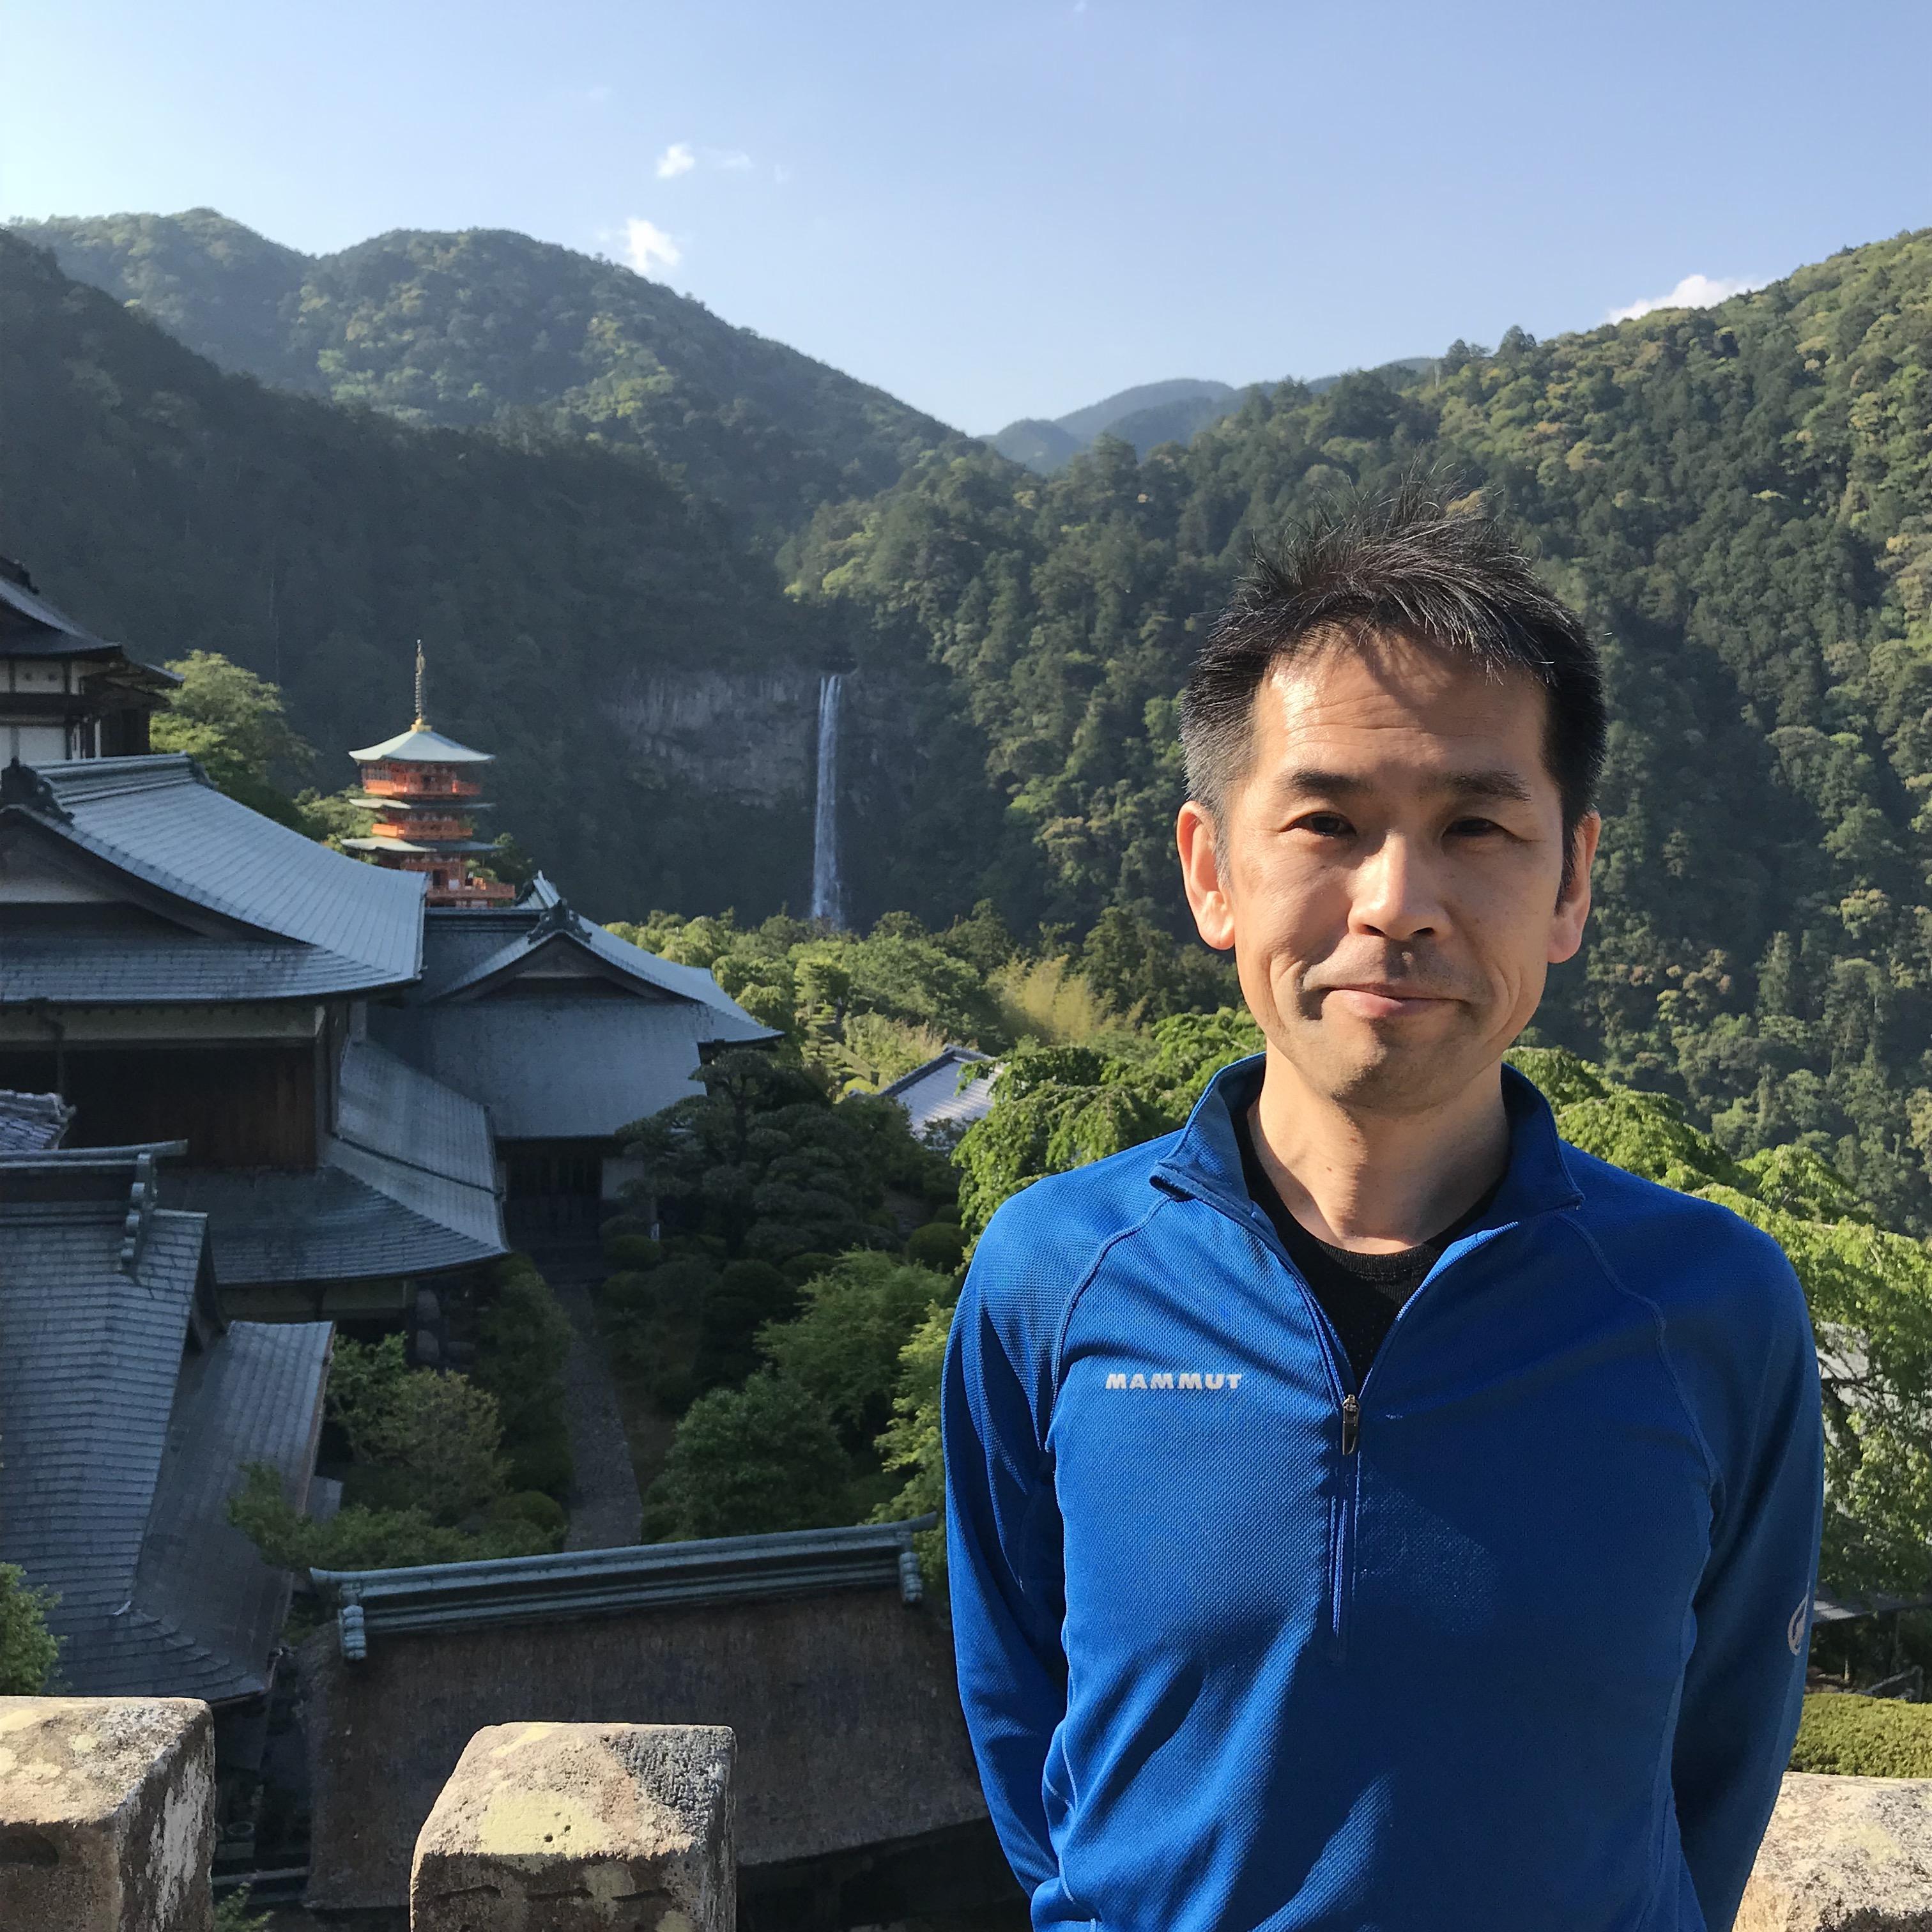 【体験記】世界遺産熊野古道を登山して得た「悟り」につながる人生の知恵